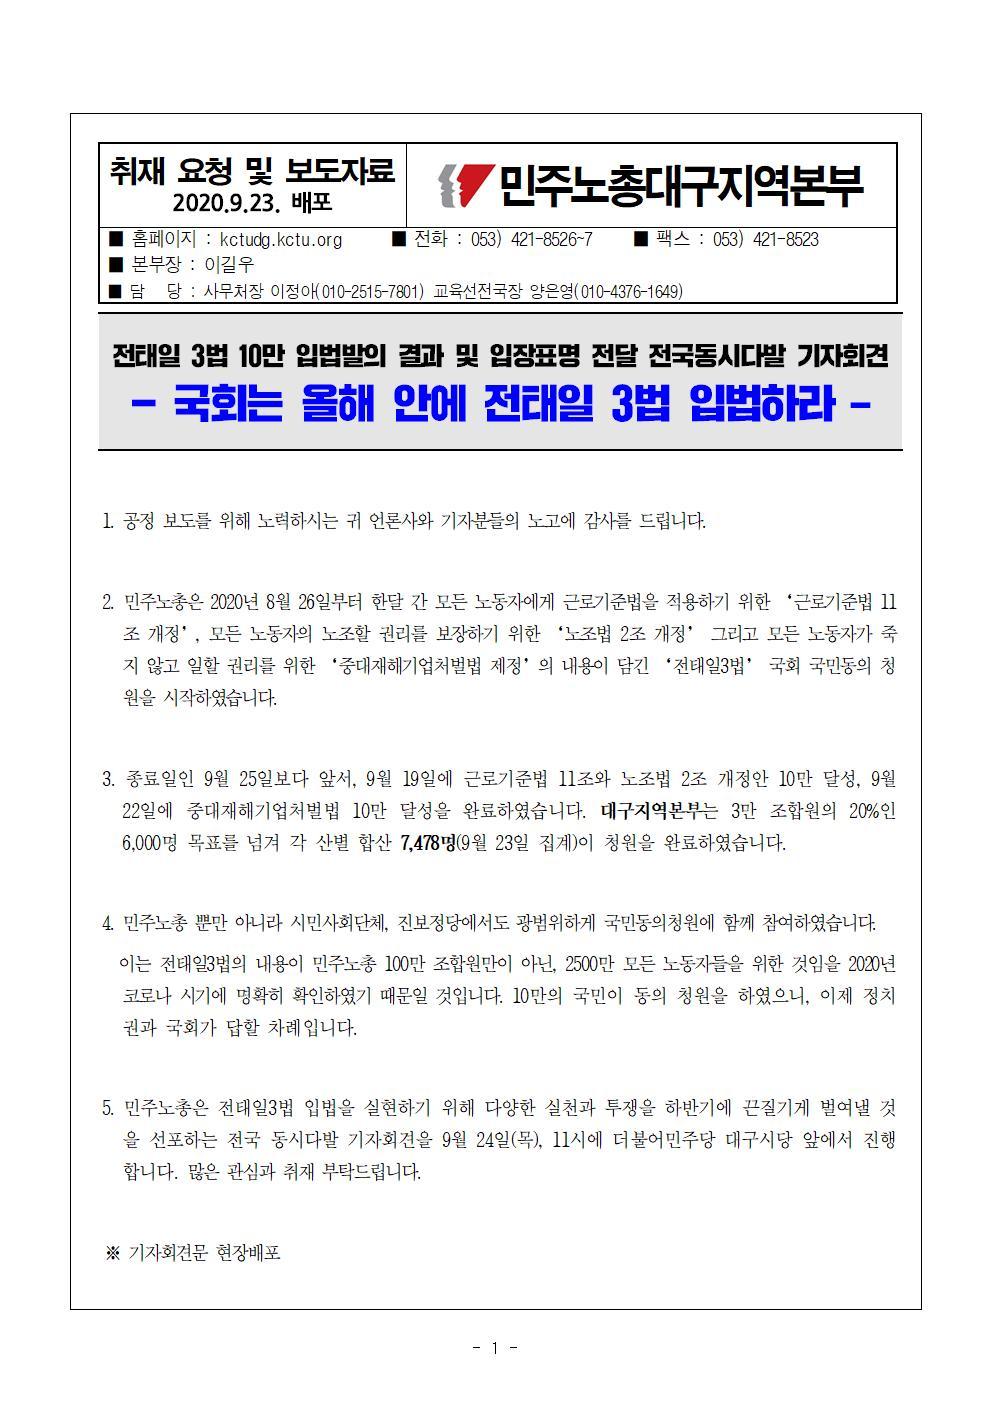 [보도자료]전태일 3법 10만 입법발의 결과 및 입장표명 전달 전국동시다발 기자회견(기자회견문 포함)001.jpg